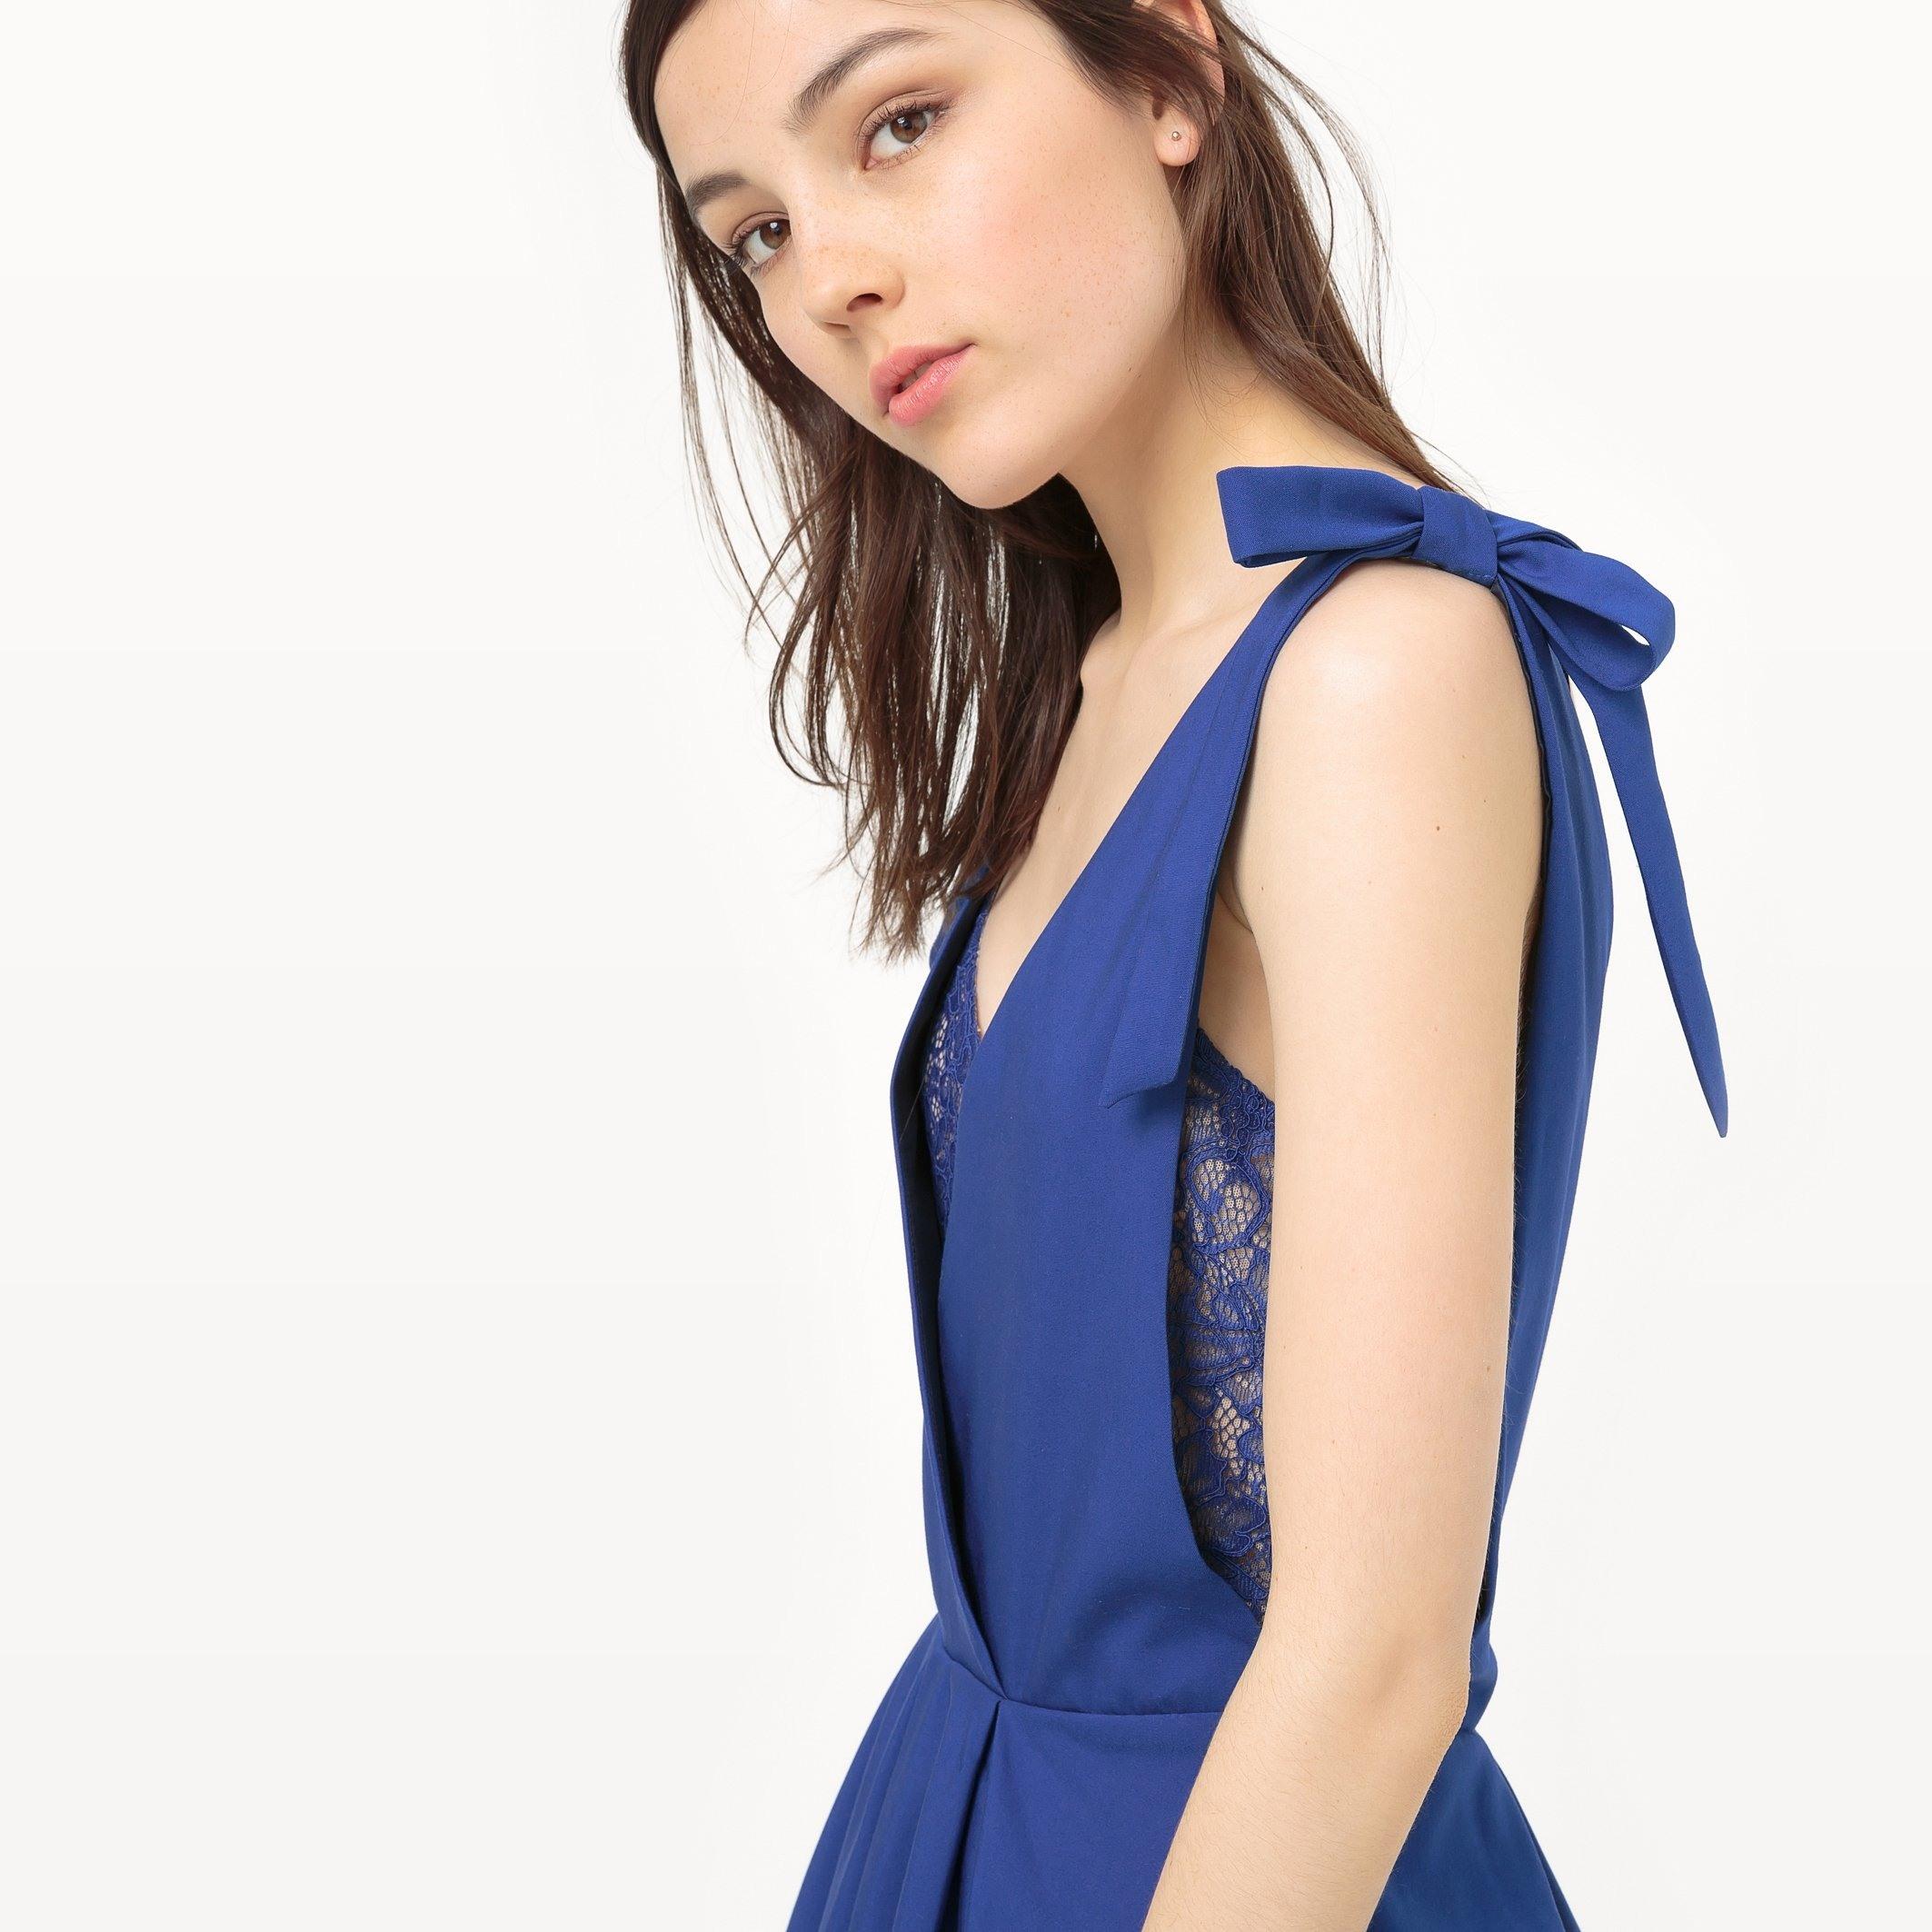 15 Schön Kleid Blau Mit Spitze ÄrmelDesigner Luxus Kleid Blau Mit Spitze Ärmel